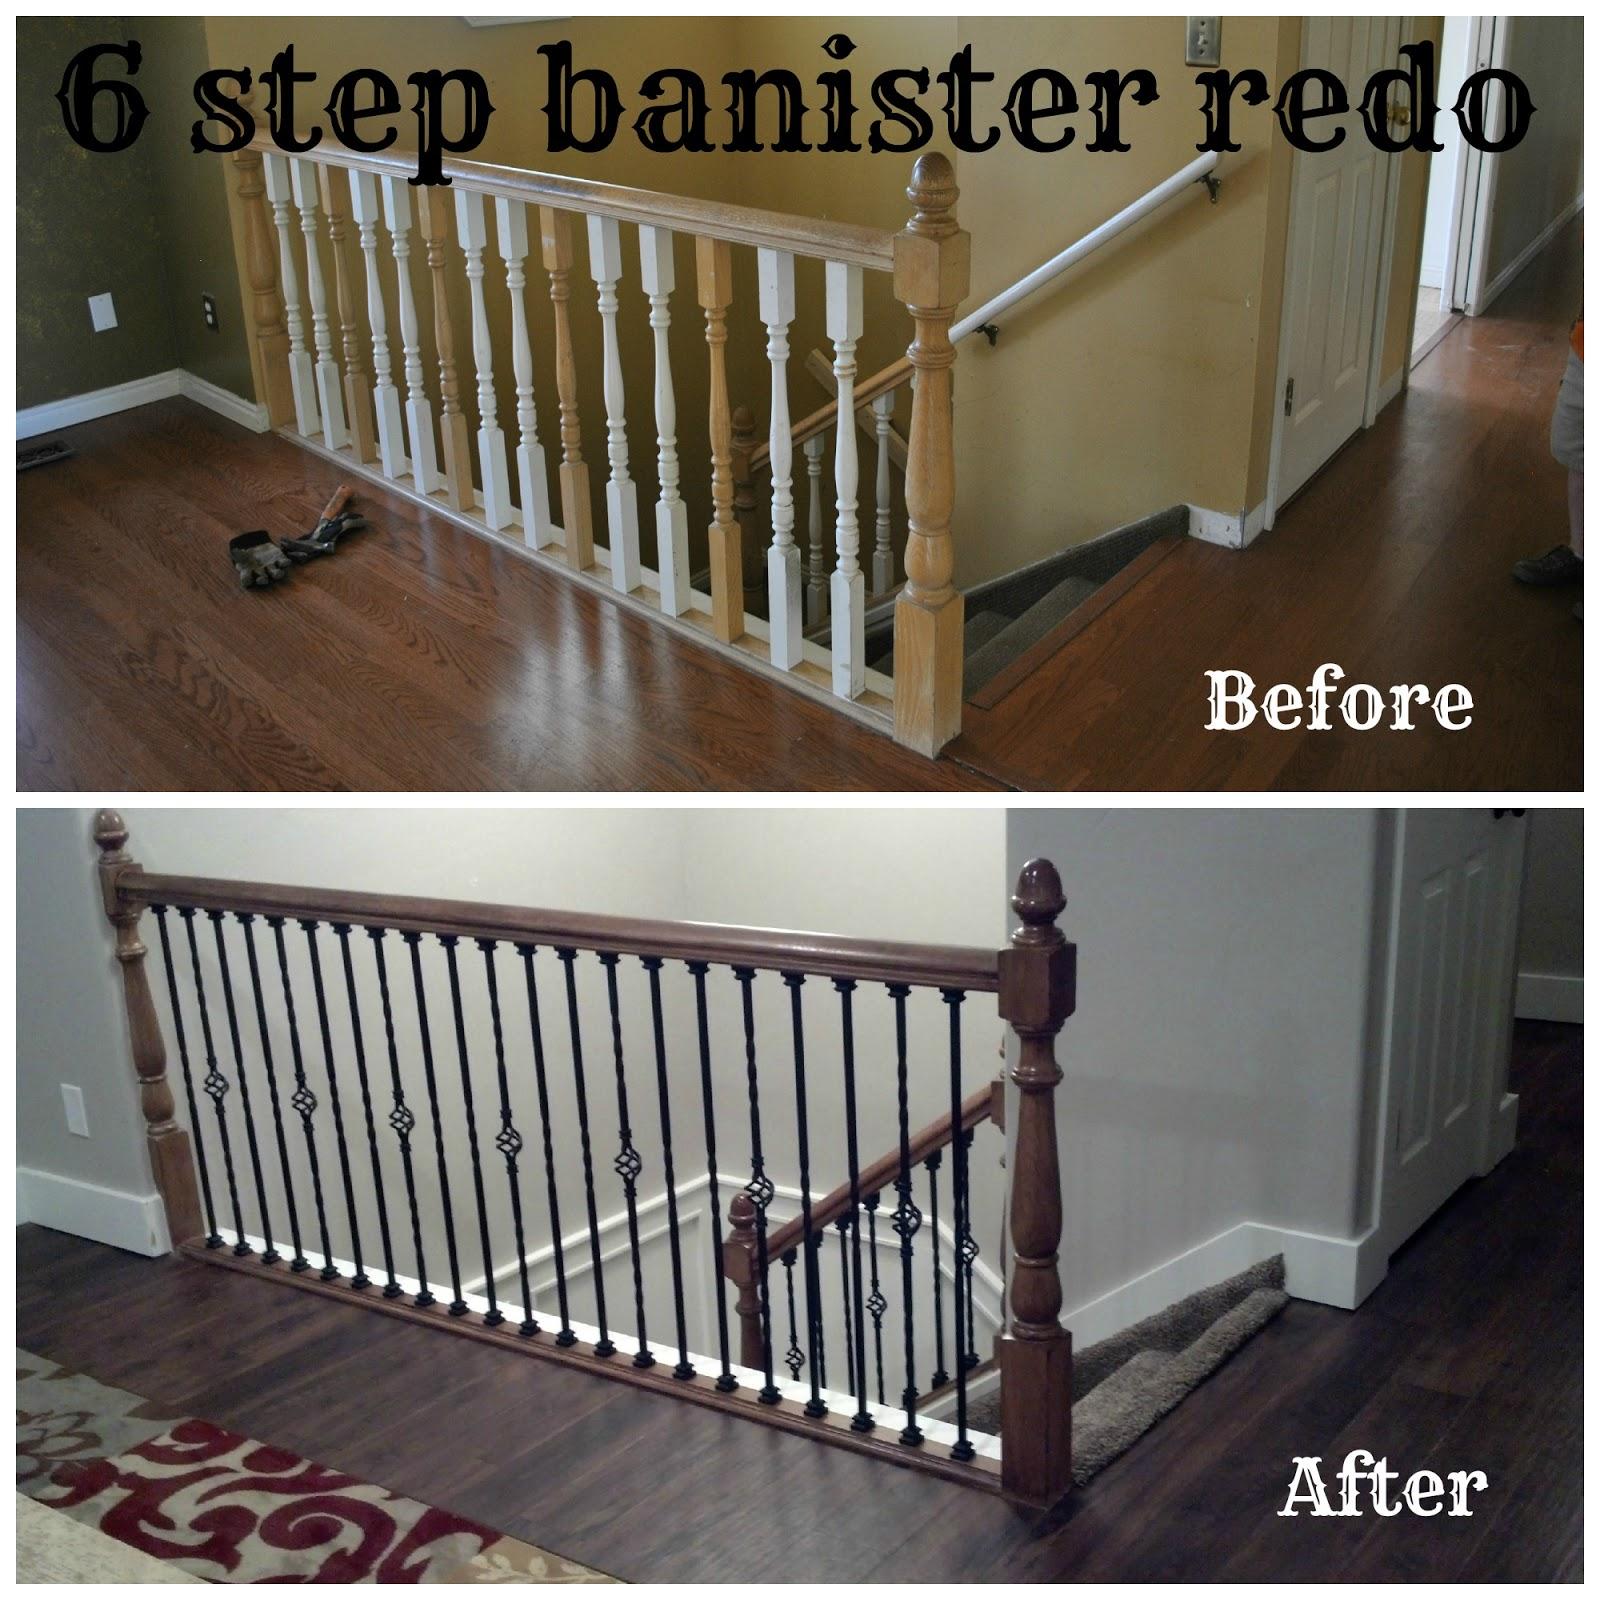 6 Step Banister Redo